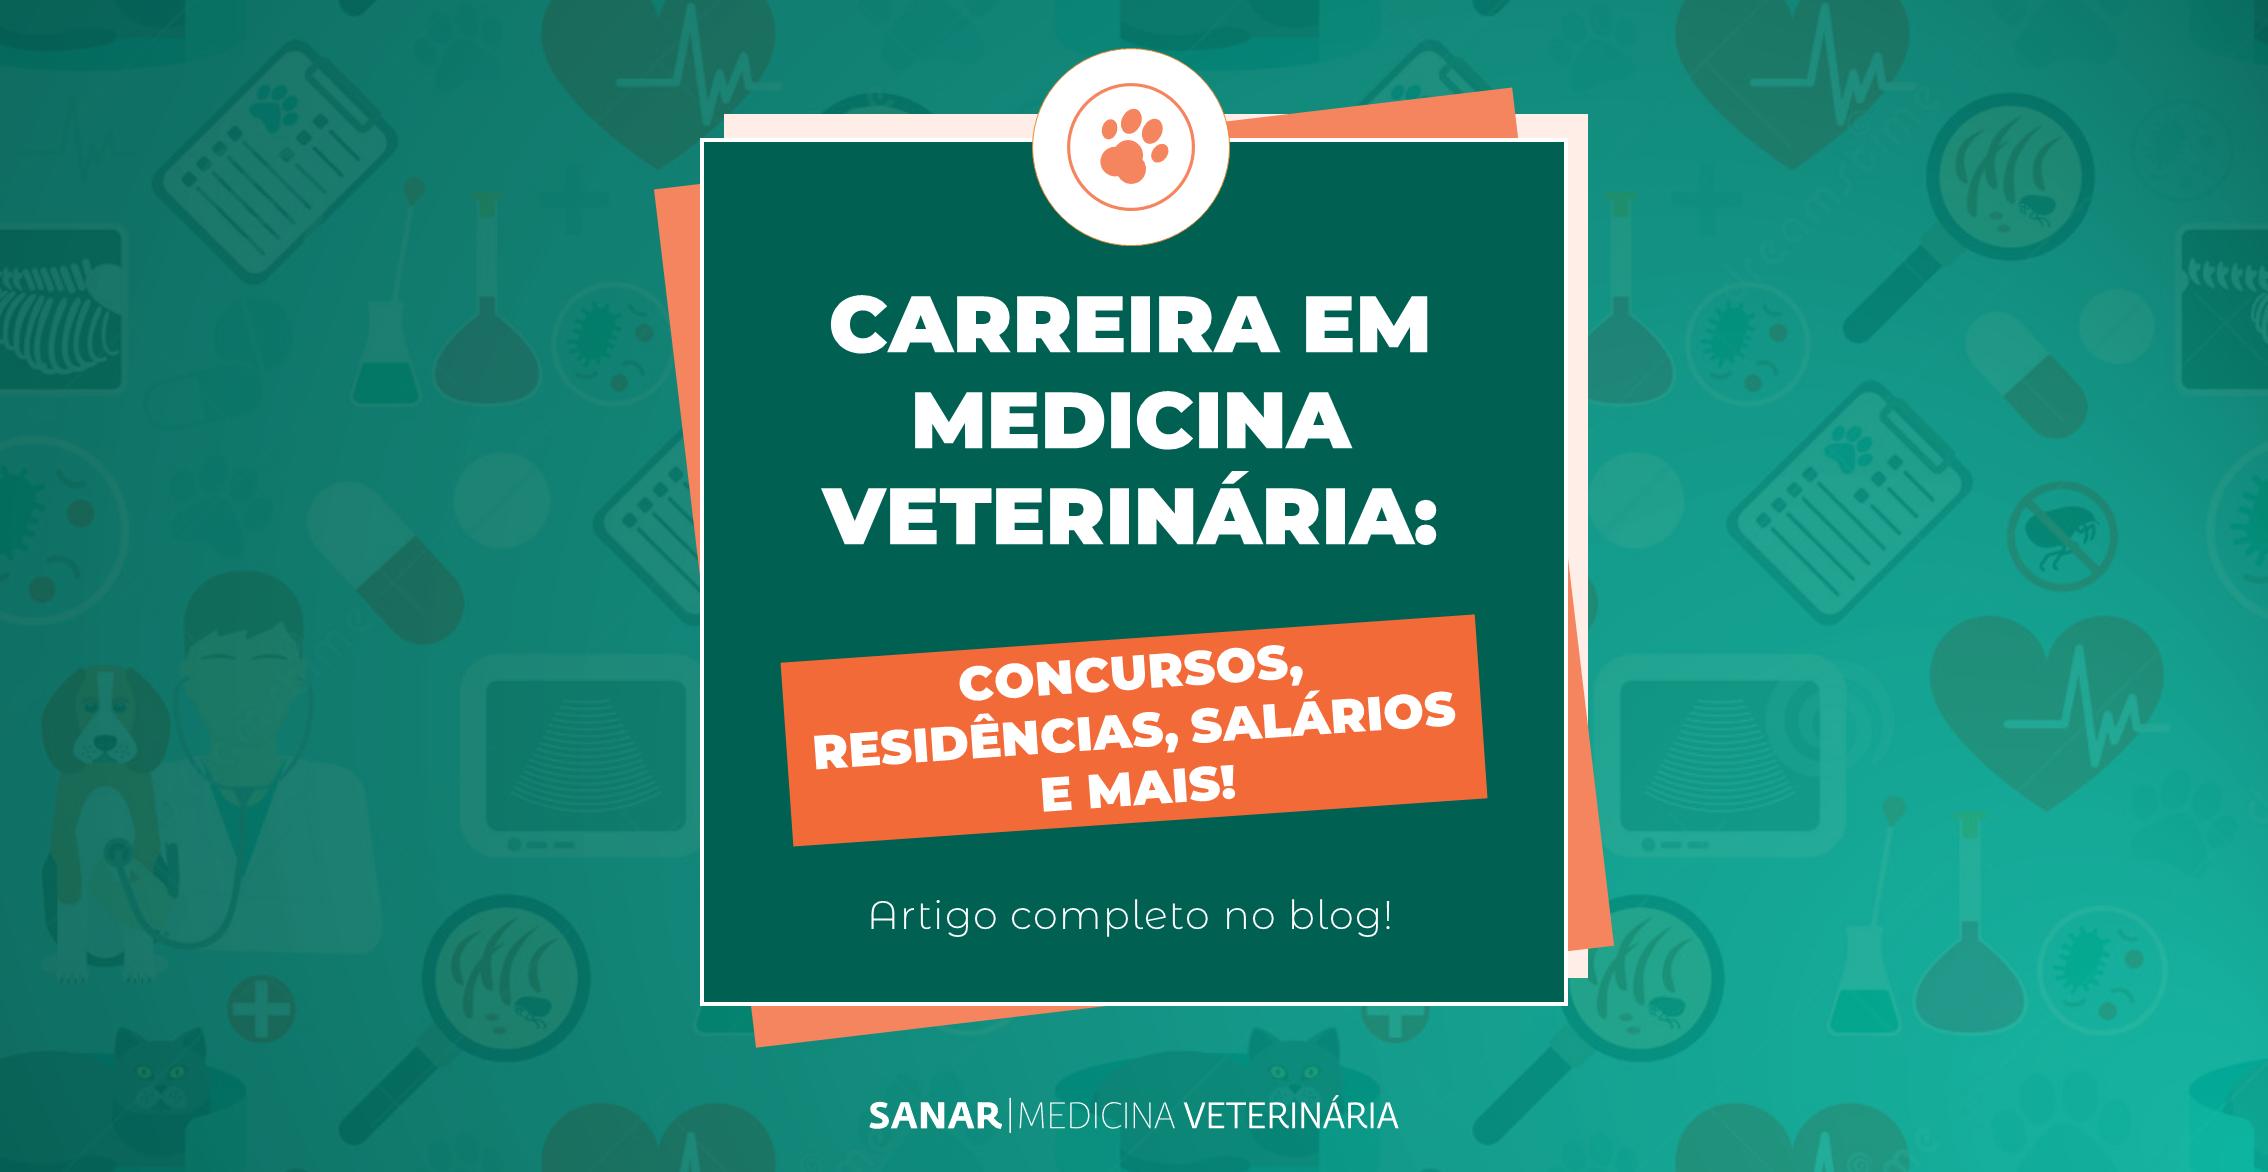 Carreira em Medicina Veterinária: Concursos, Residências, Salários e mais!